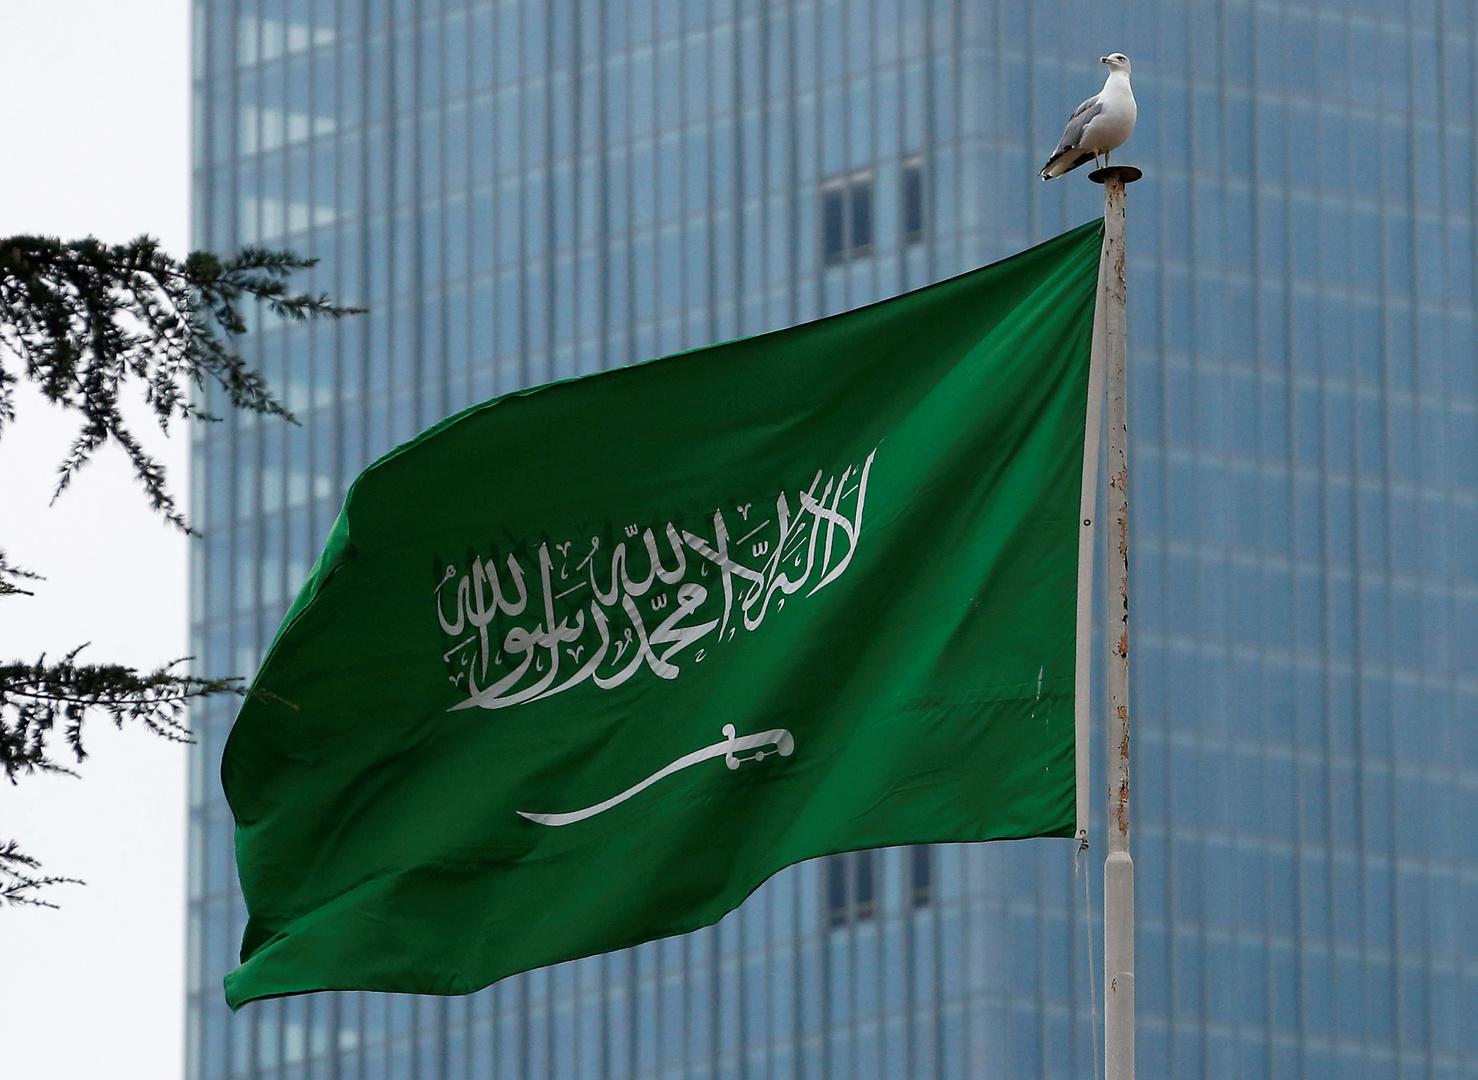 السعودية تهاجم إسرائيل وتدعو للحد من الانتهاكات الممنهجة والمستمرة ضد الشعب الفلسطيني